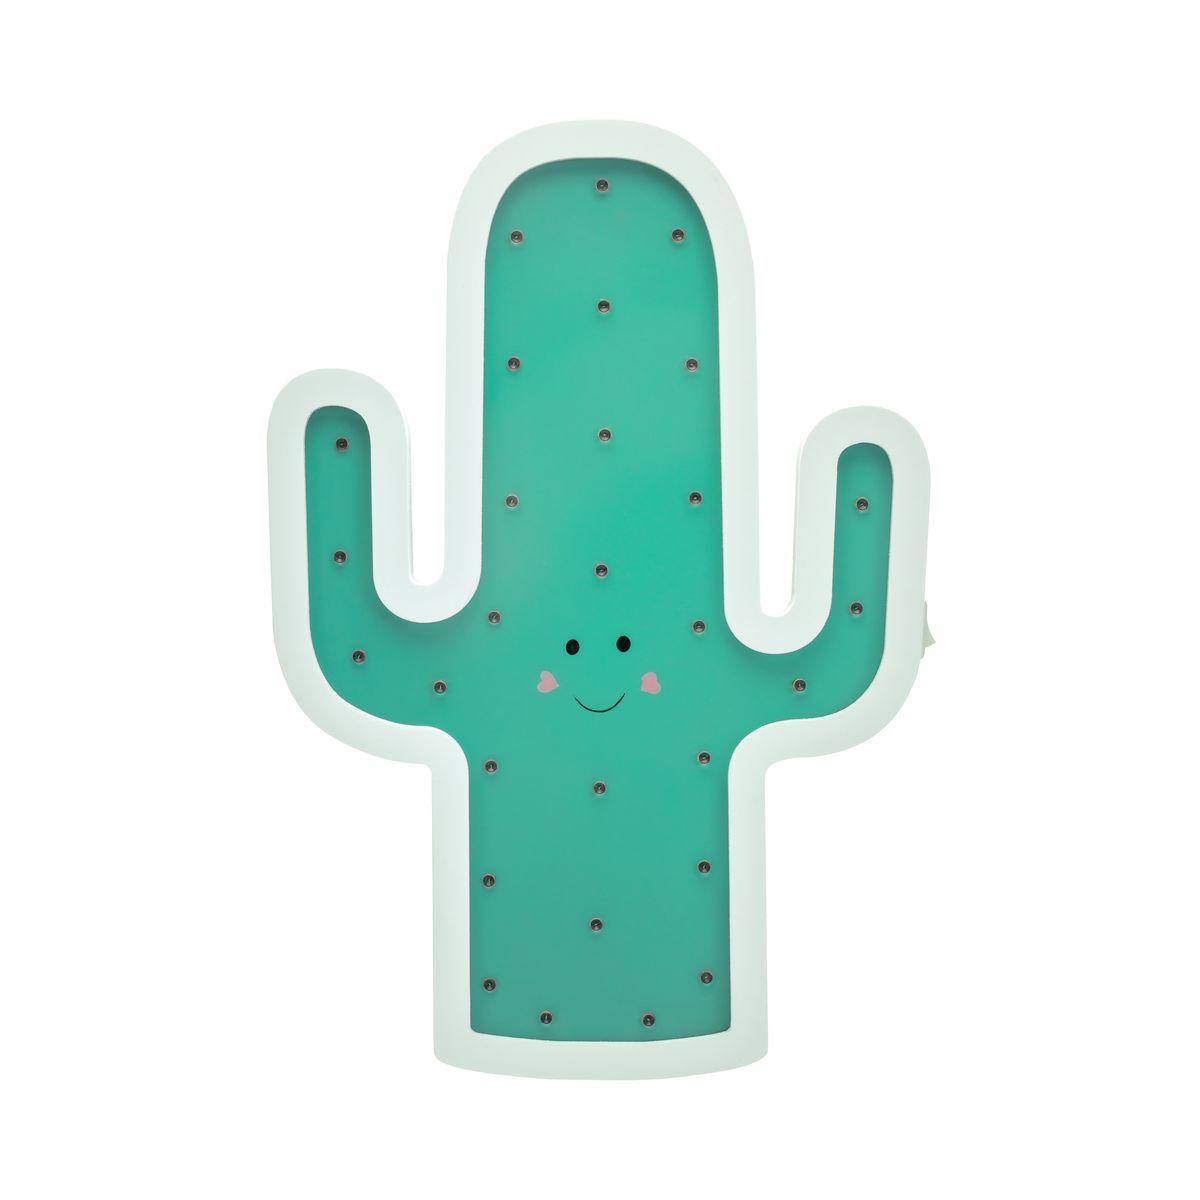 Hellgrau Weiß Und Holz Sind Erfrischend Natürlich: Lovely Cactus Lamp Wandleuchte Batterie Weiß/Grün/ Holz